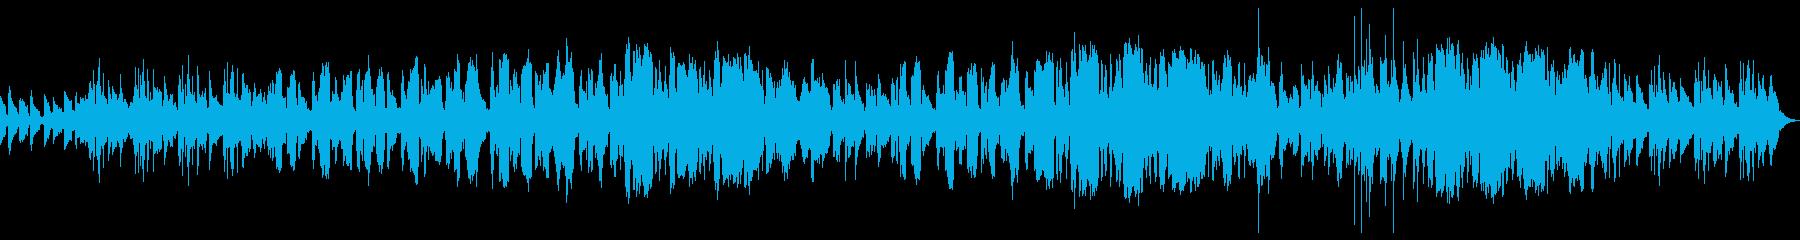 企業VP♪トロピカルハウスEDM♪夏CMの再生済みの波形